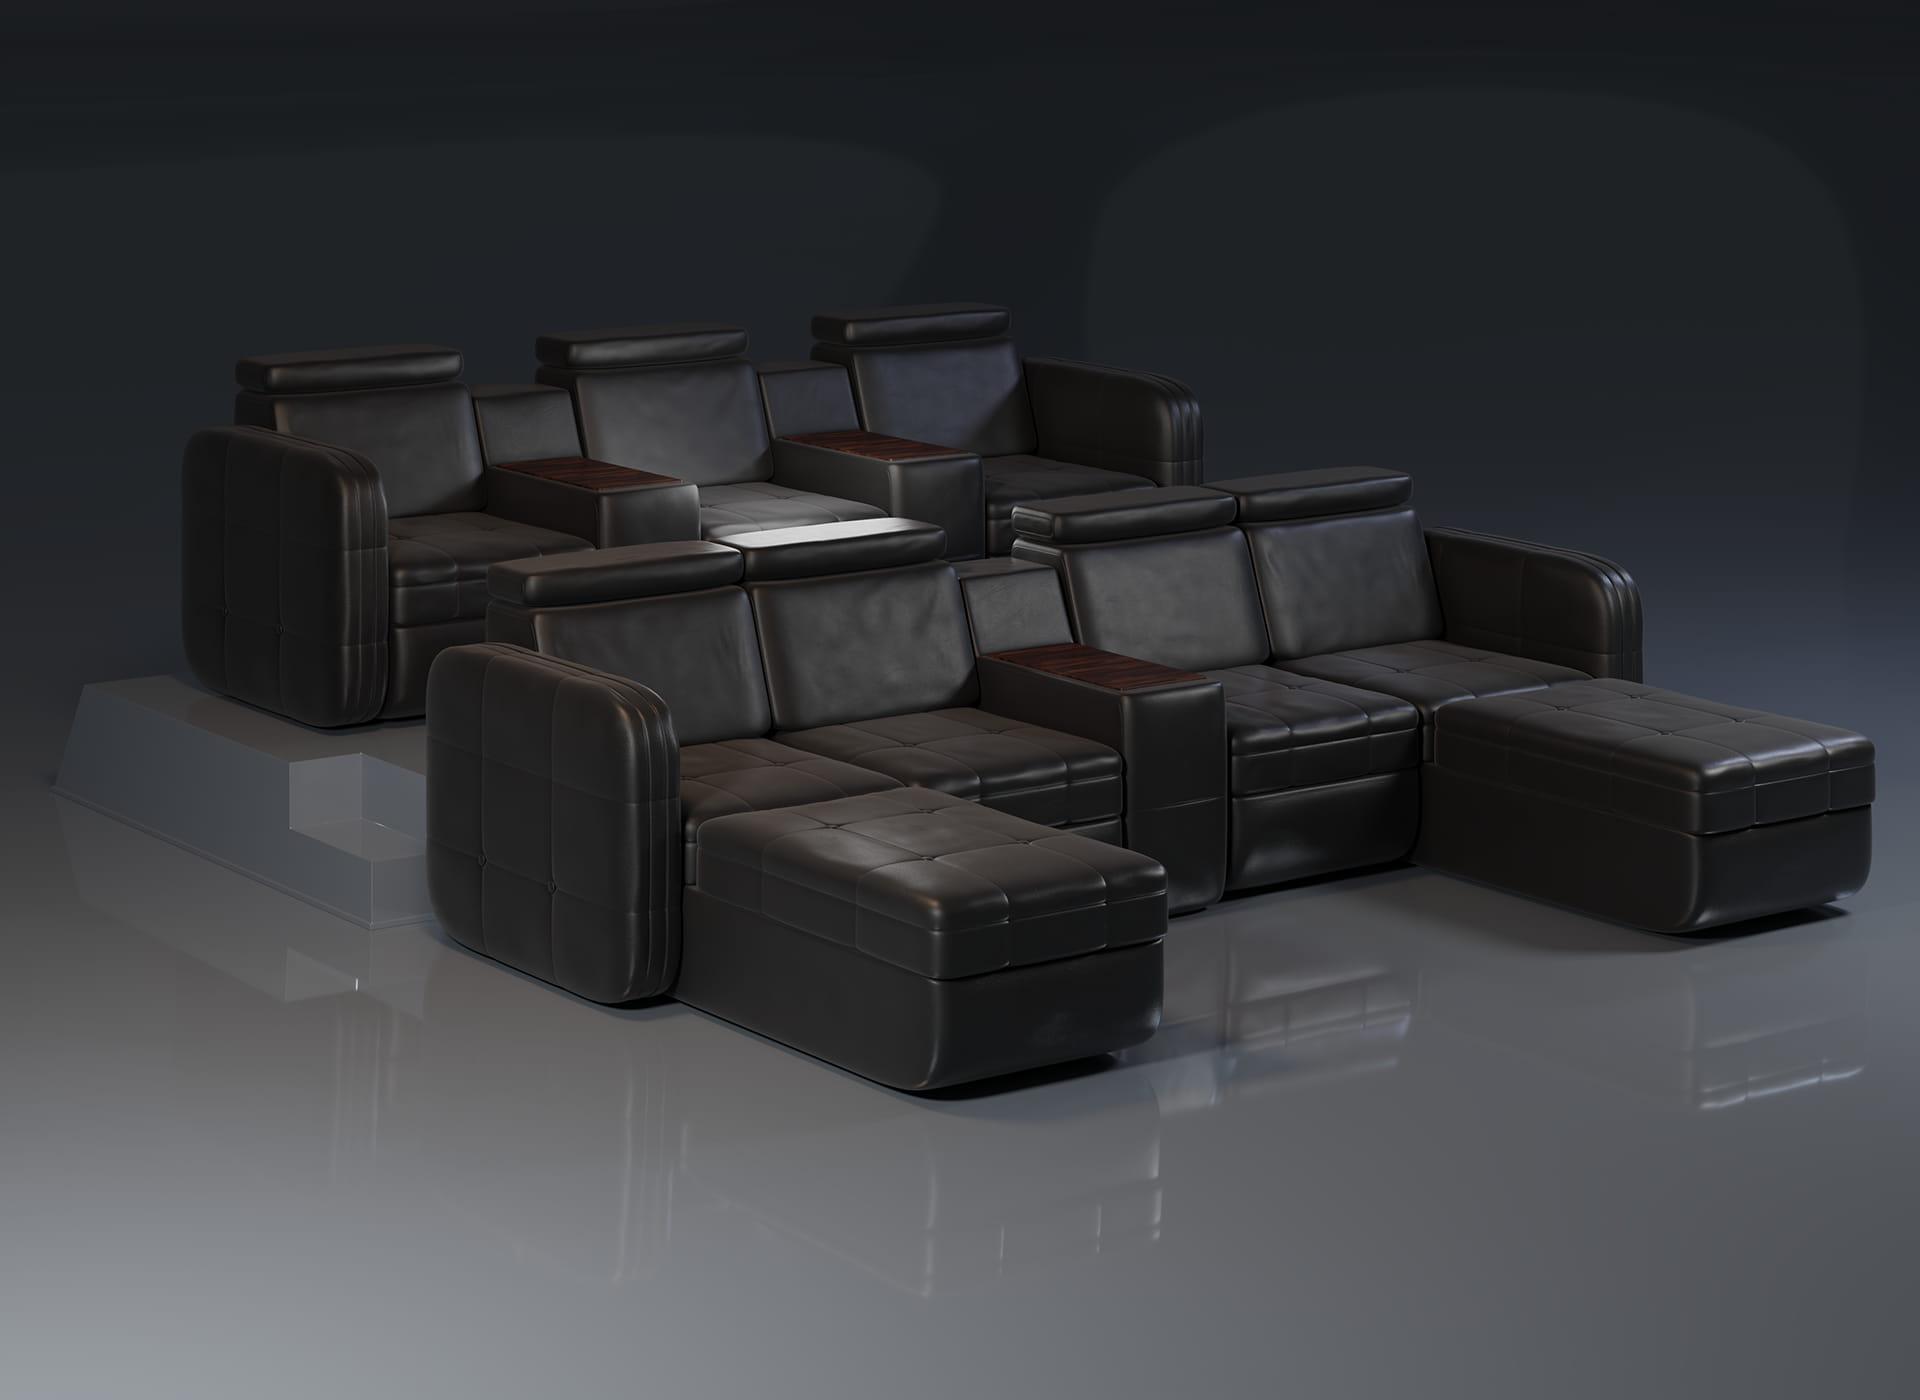 Projekt modelu 3d foteli kinowych / sofa kinowa do kina, czarna skóra oraz wykończenie drewnem - widok pod kątem